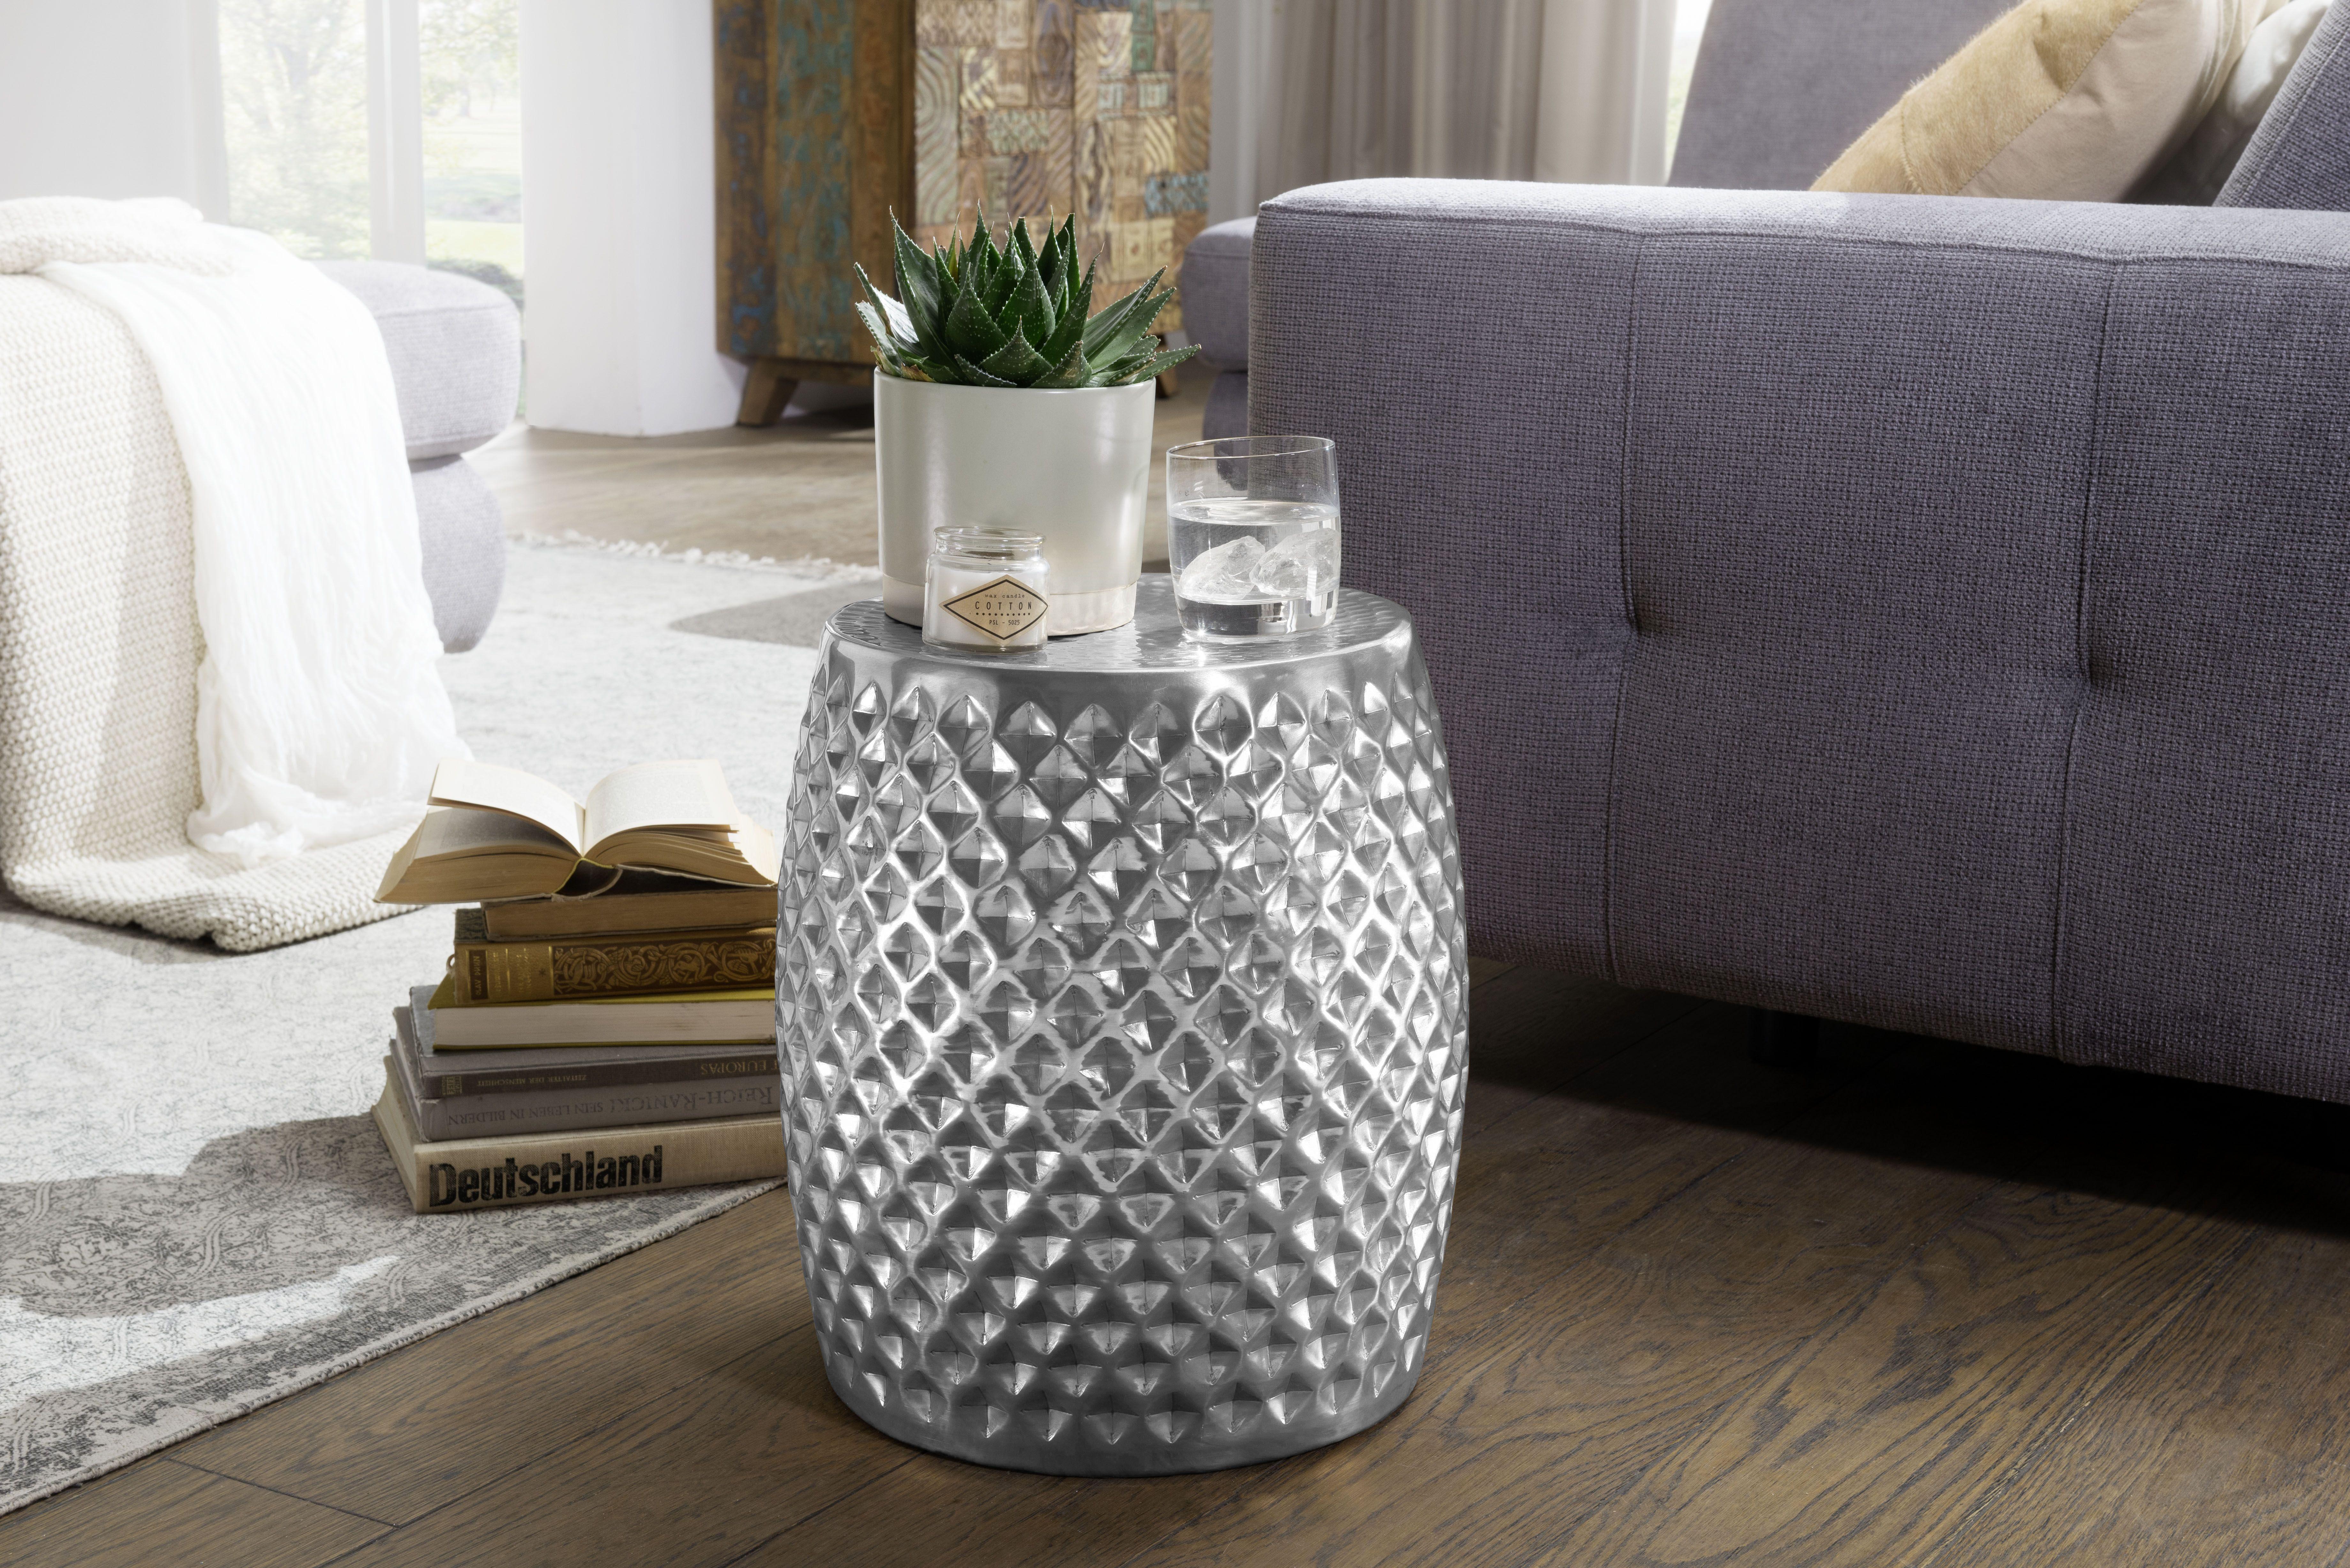 Wohnling Beistelltisch Sita Silber Wl5 448 Aus Aluminium Silber Metall Wohnidee Dekoration Ablage Wohnen Wohnzimmer Beistelltische Beistelltisch Tisch